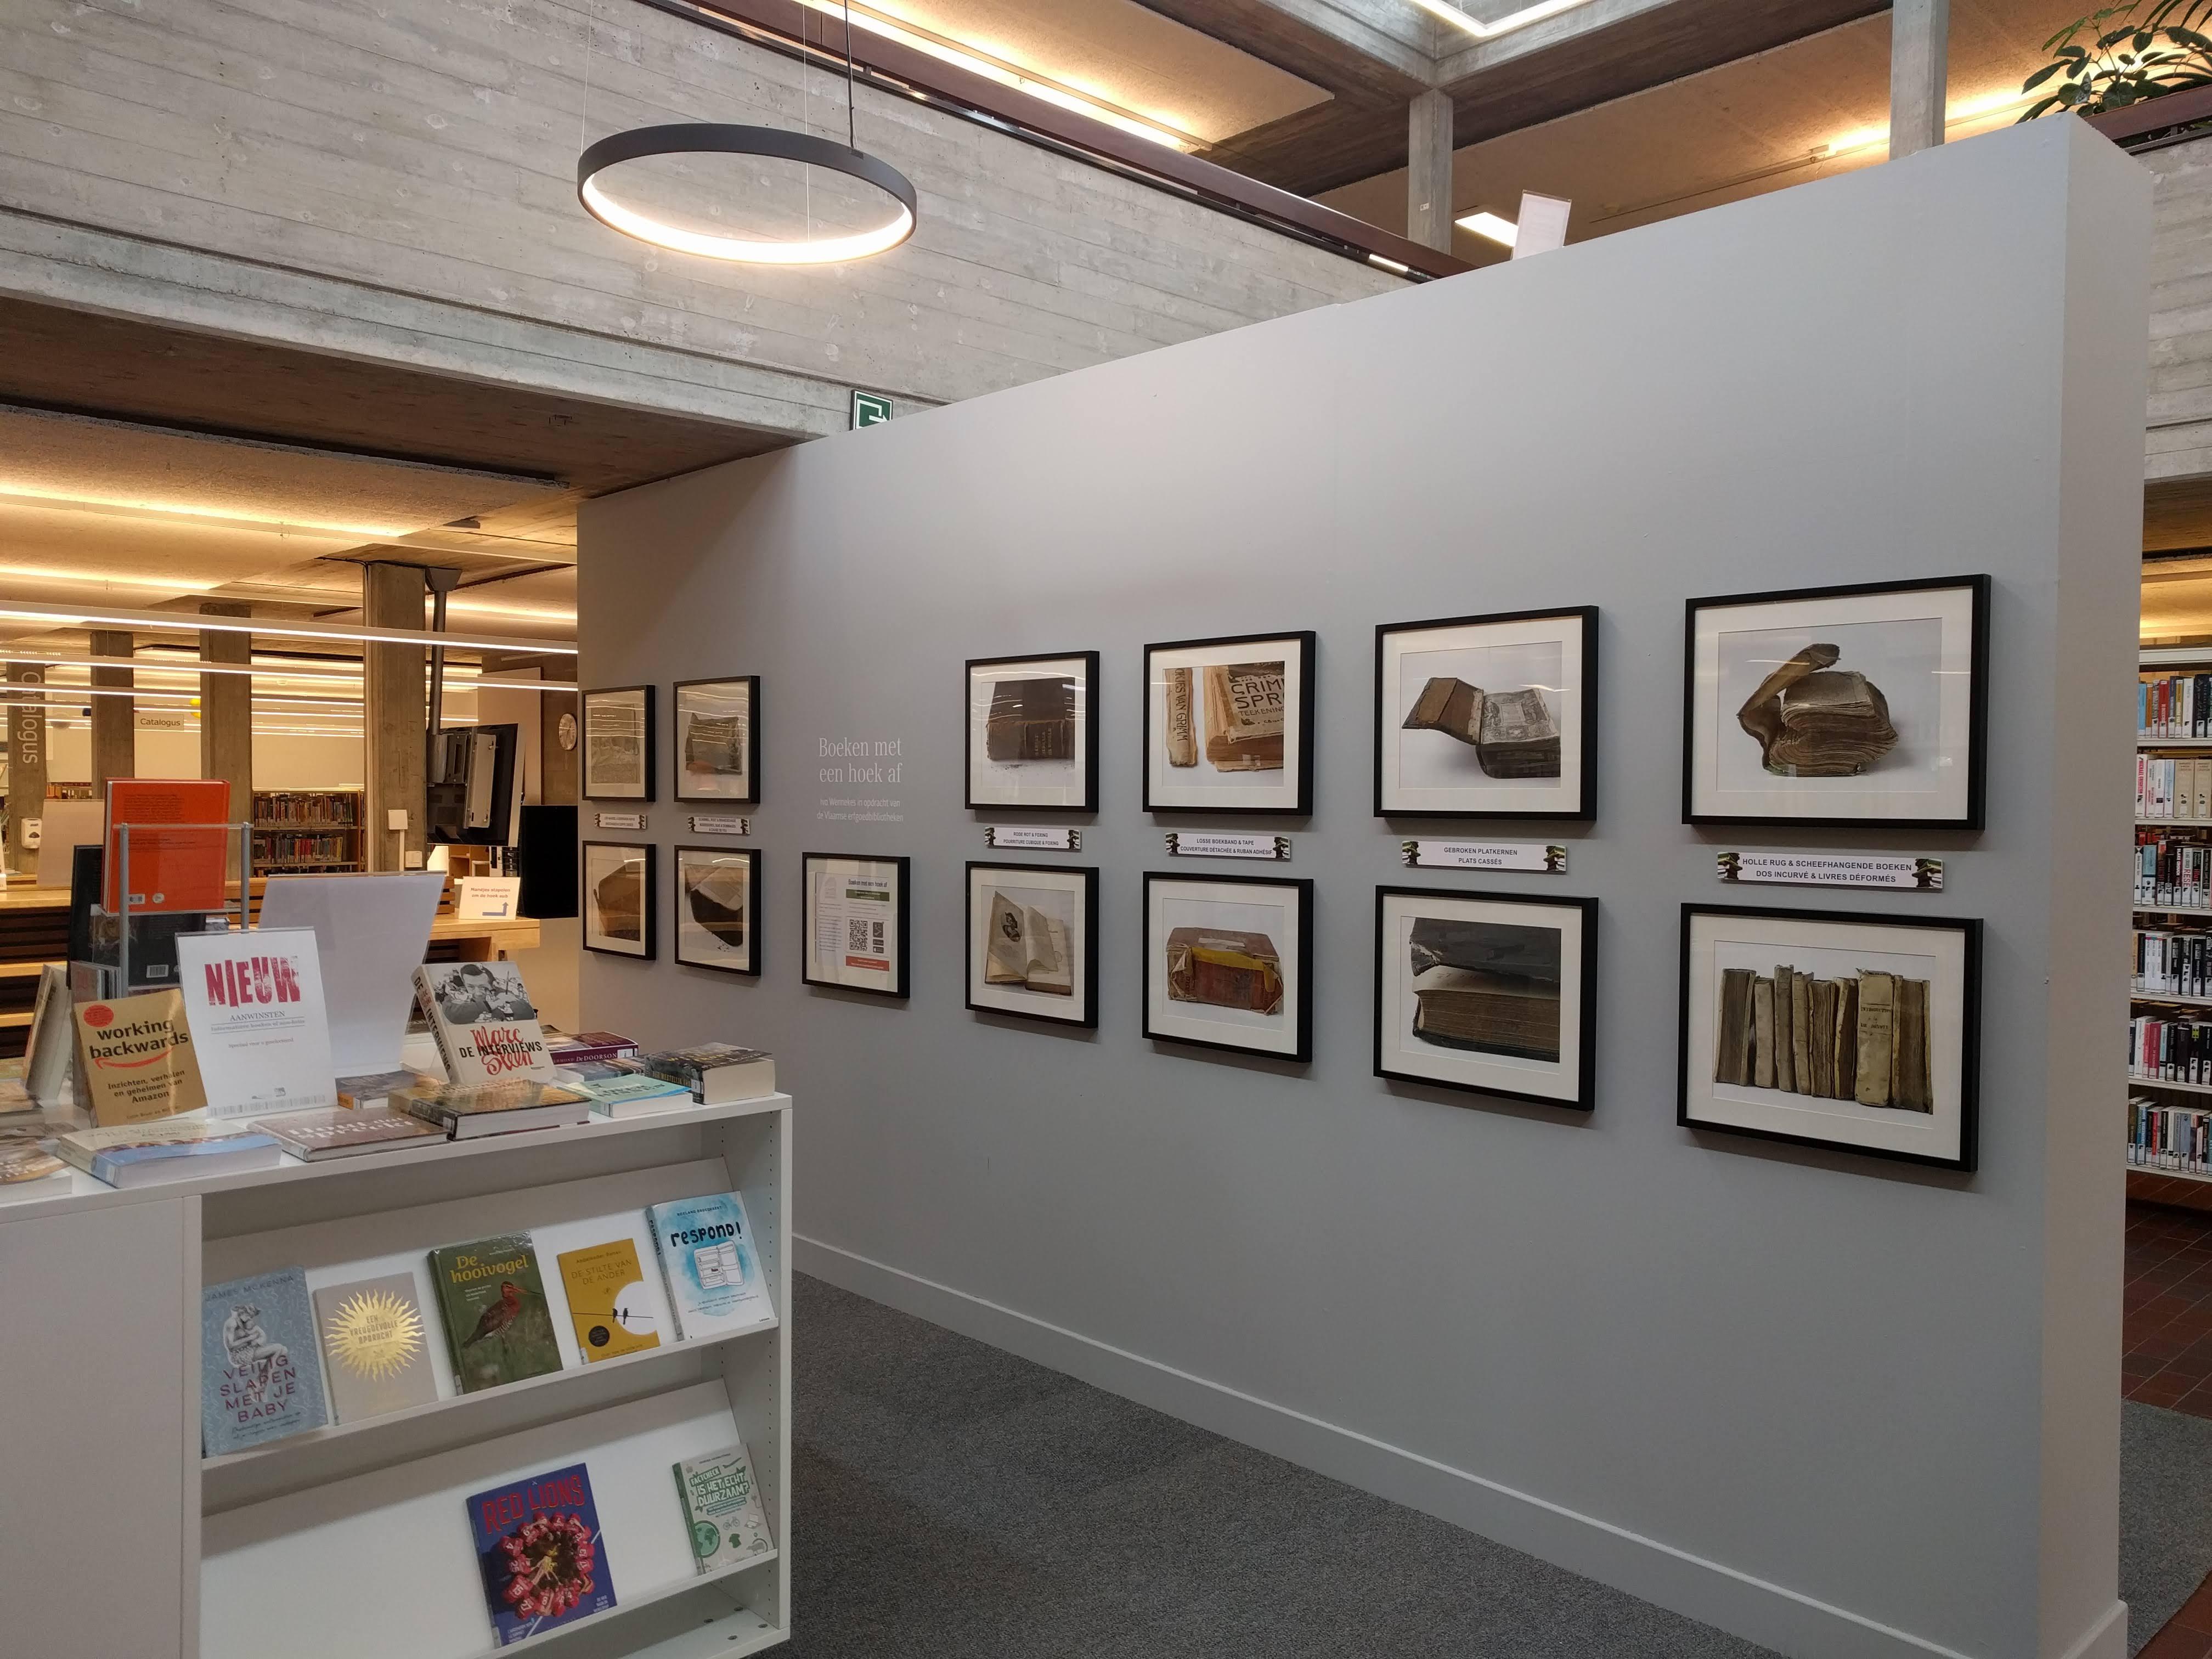 fotokaders hangen aan de muur in een bibliotheek